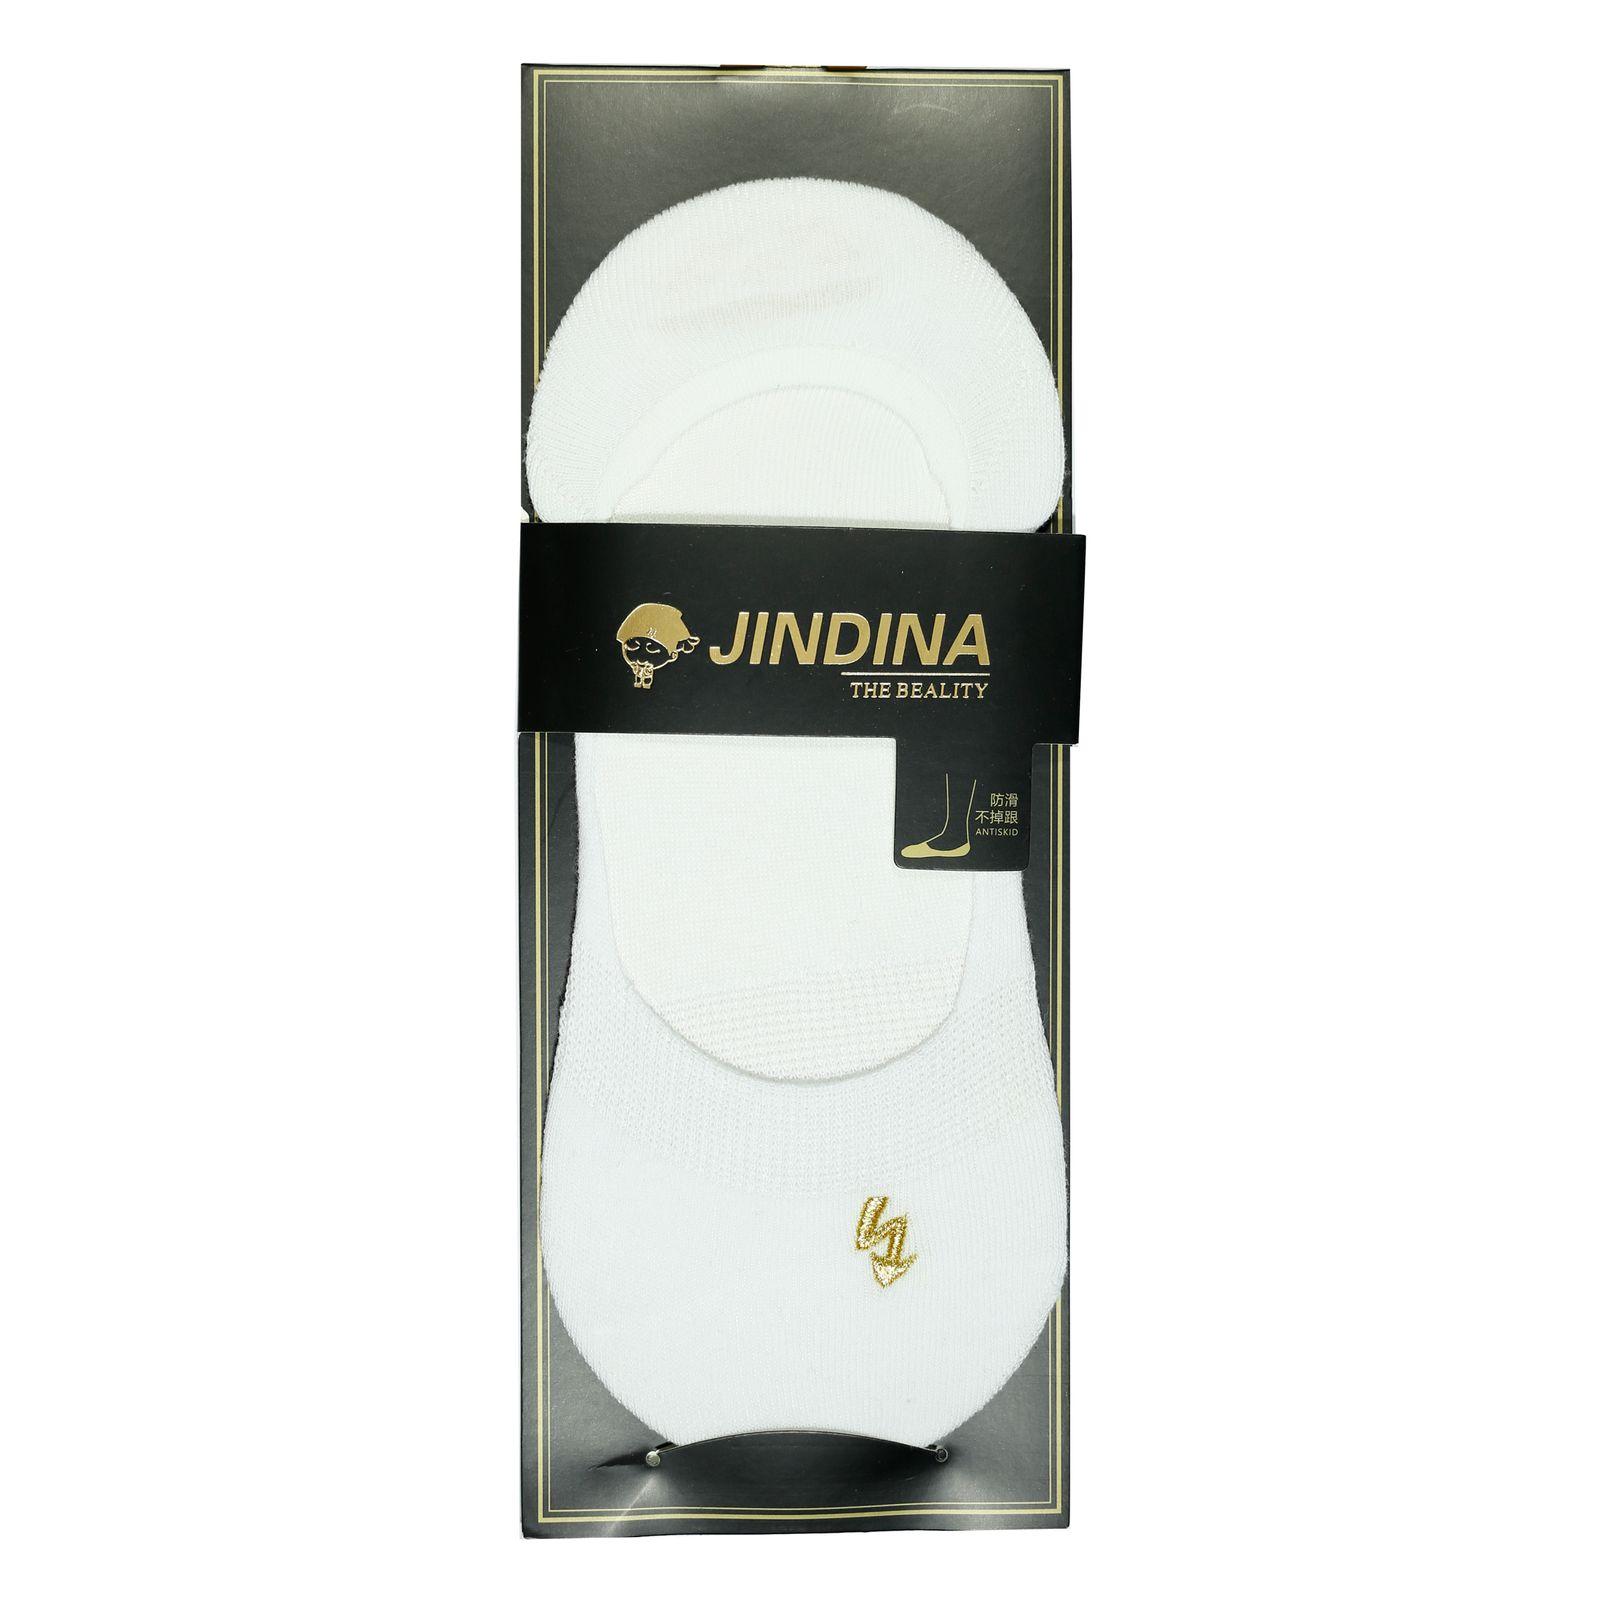 جوراب مردانه جین دینا کد BL-CK 203 مجموعه 3 عددی -  - 5